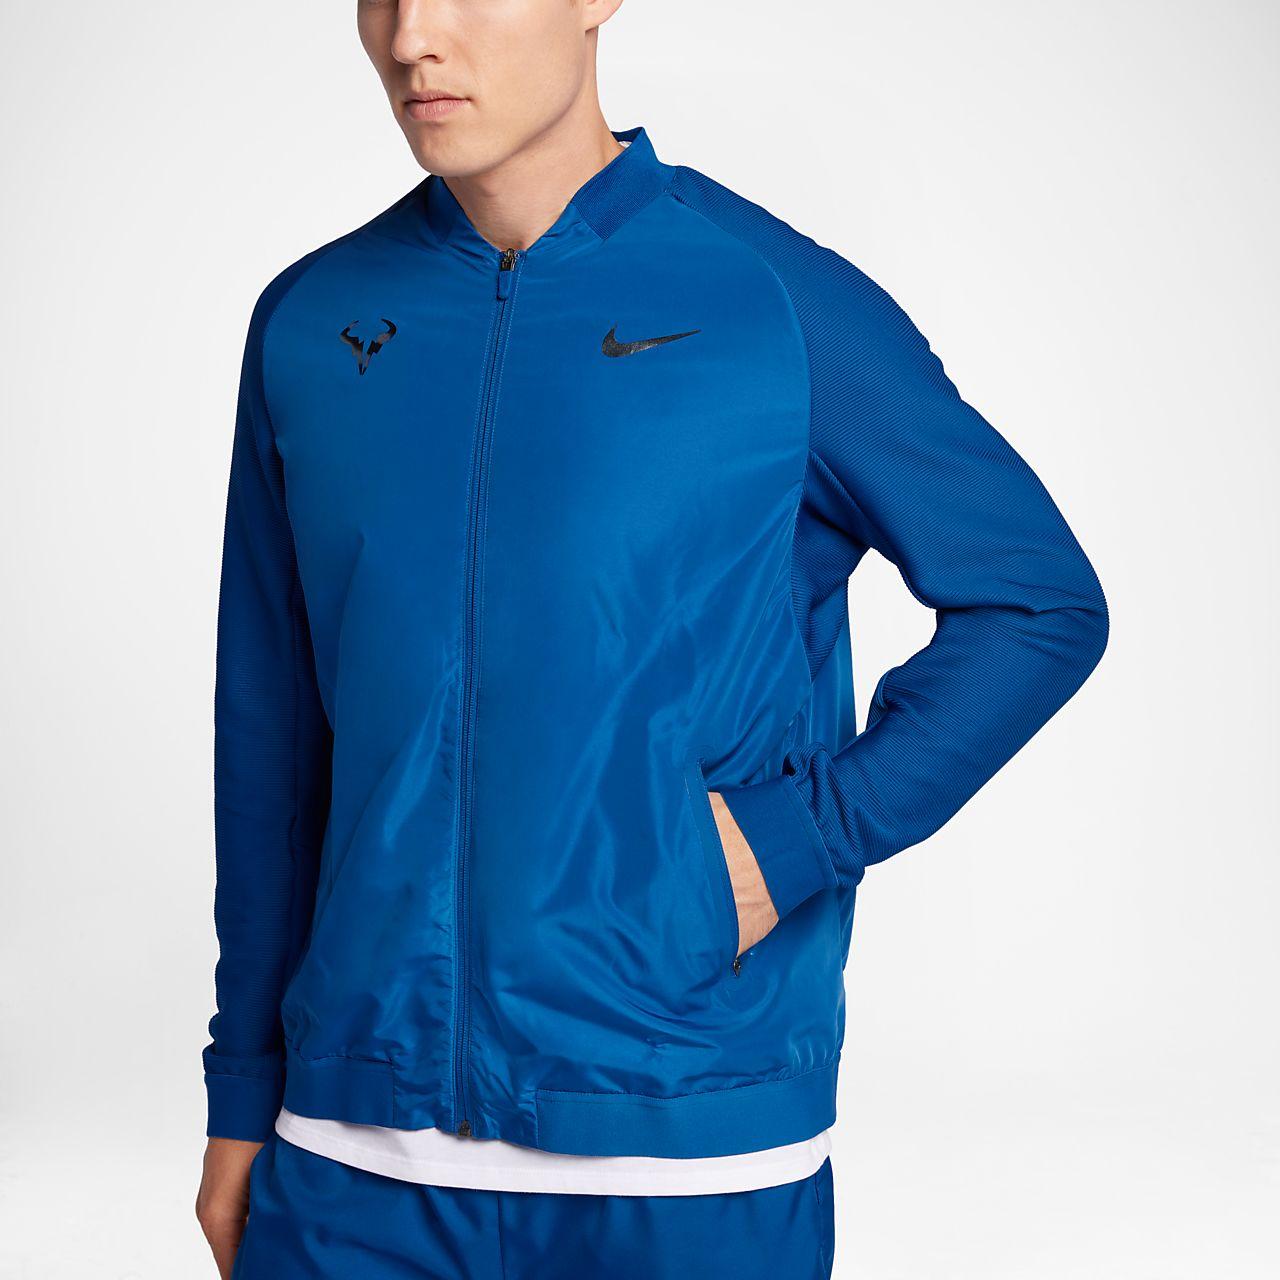 NikeCourt Rafa Erkek Tenis Ceketi